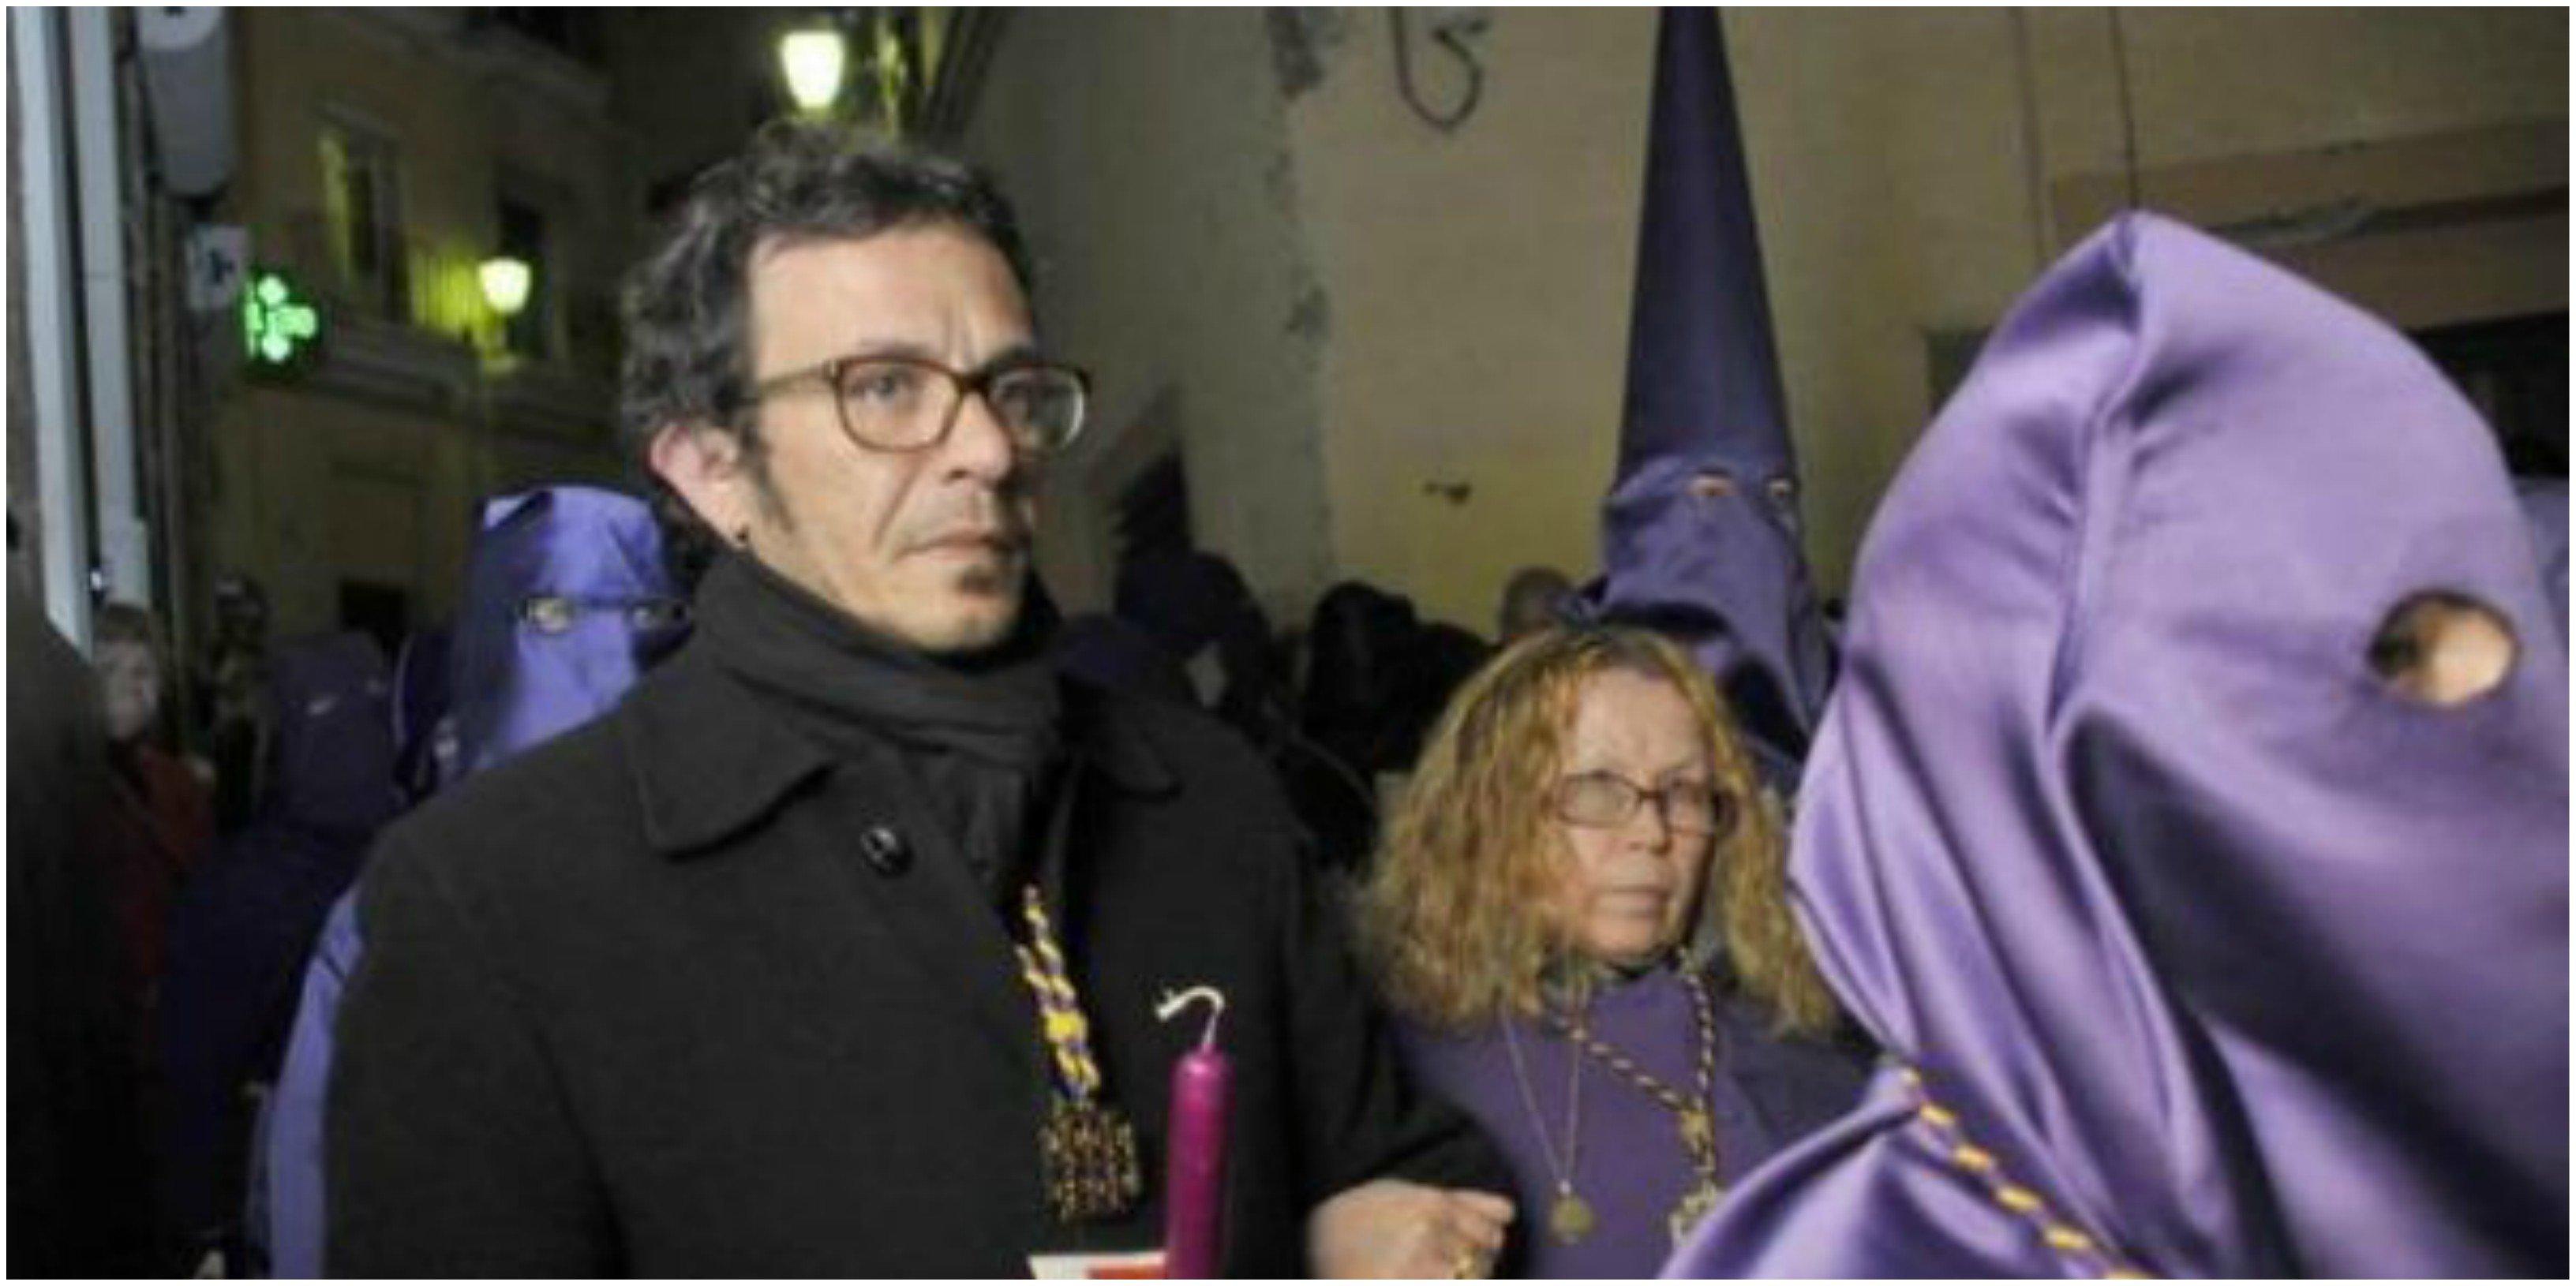 El podemita Kichi aprovecha el coronavirus para cobrar el IBI a la iglesia